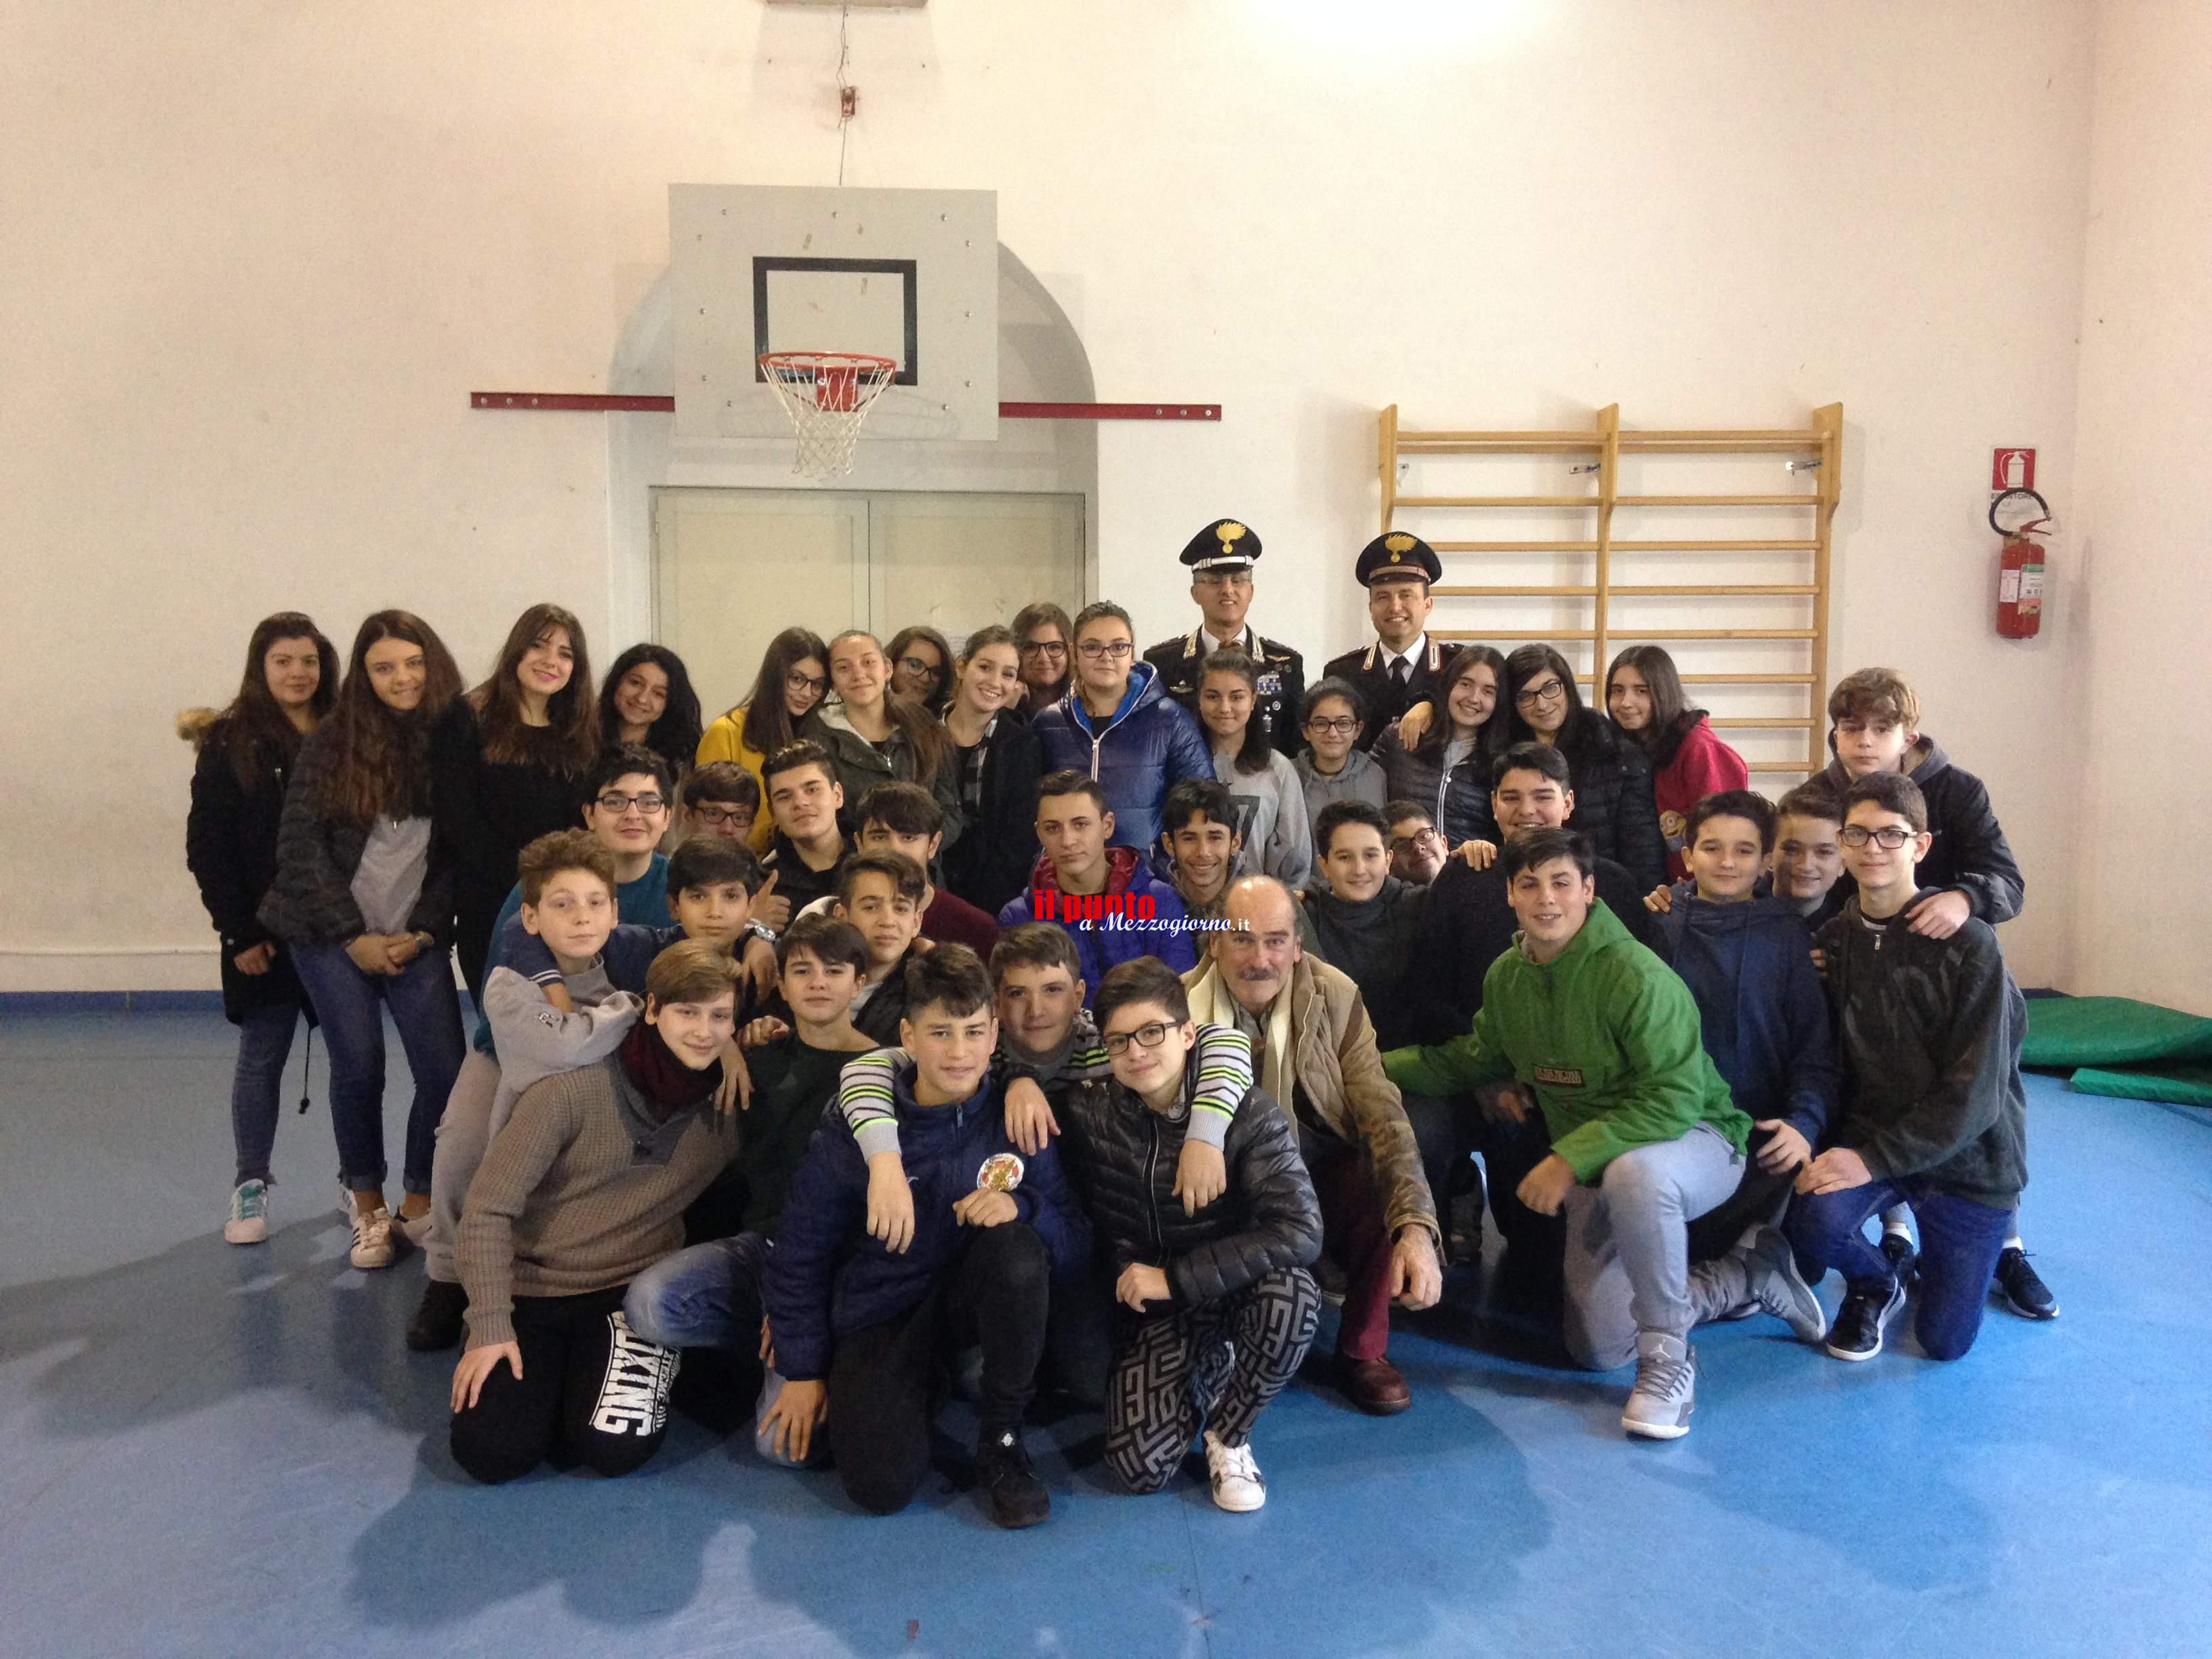 Anagni- Conferenza con gli studenti per parlare di legalità. Iniziativa dell'Arma dei Carabinieri